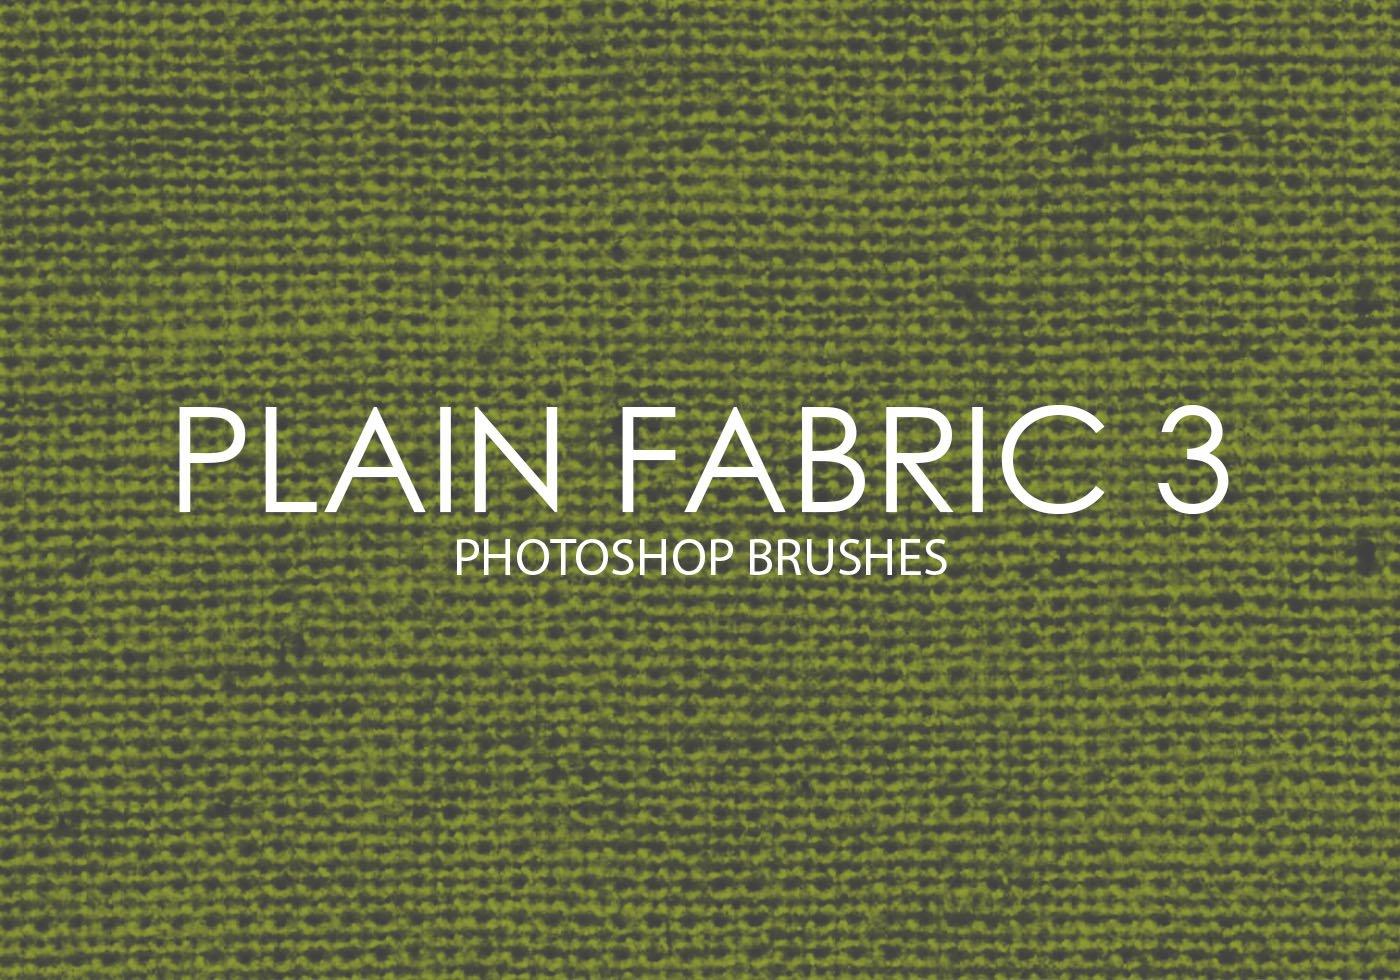 Free Plain Fabric Photoshop Brushes 3 Free Photoshop